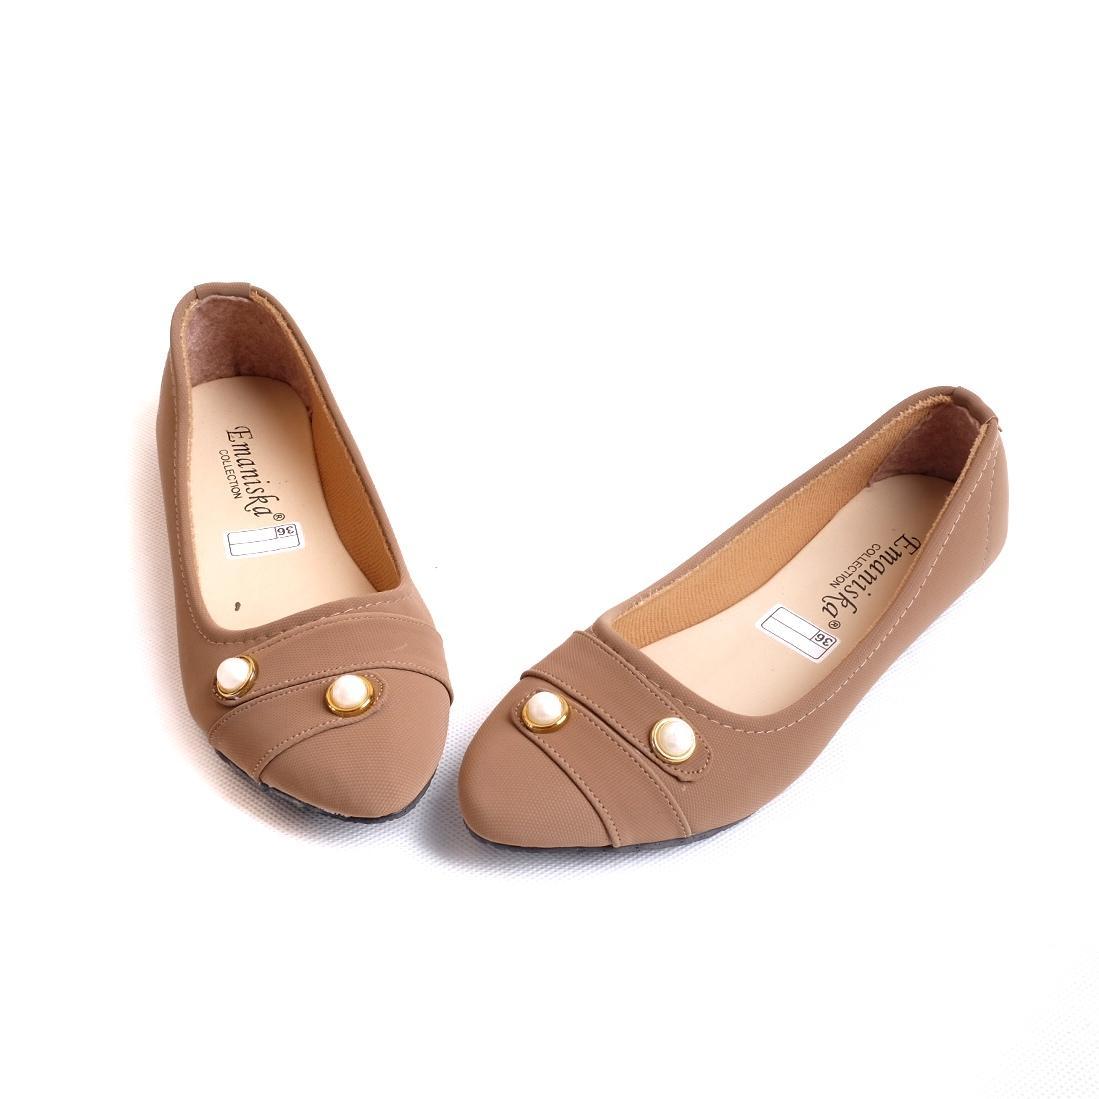 Rafisha Sepatu Brukat Cantik Hitam Daftar Harga Terbaru dan Source · MBIL Flat Shoes Wanita Mutiara 02